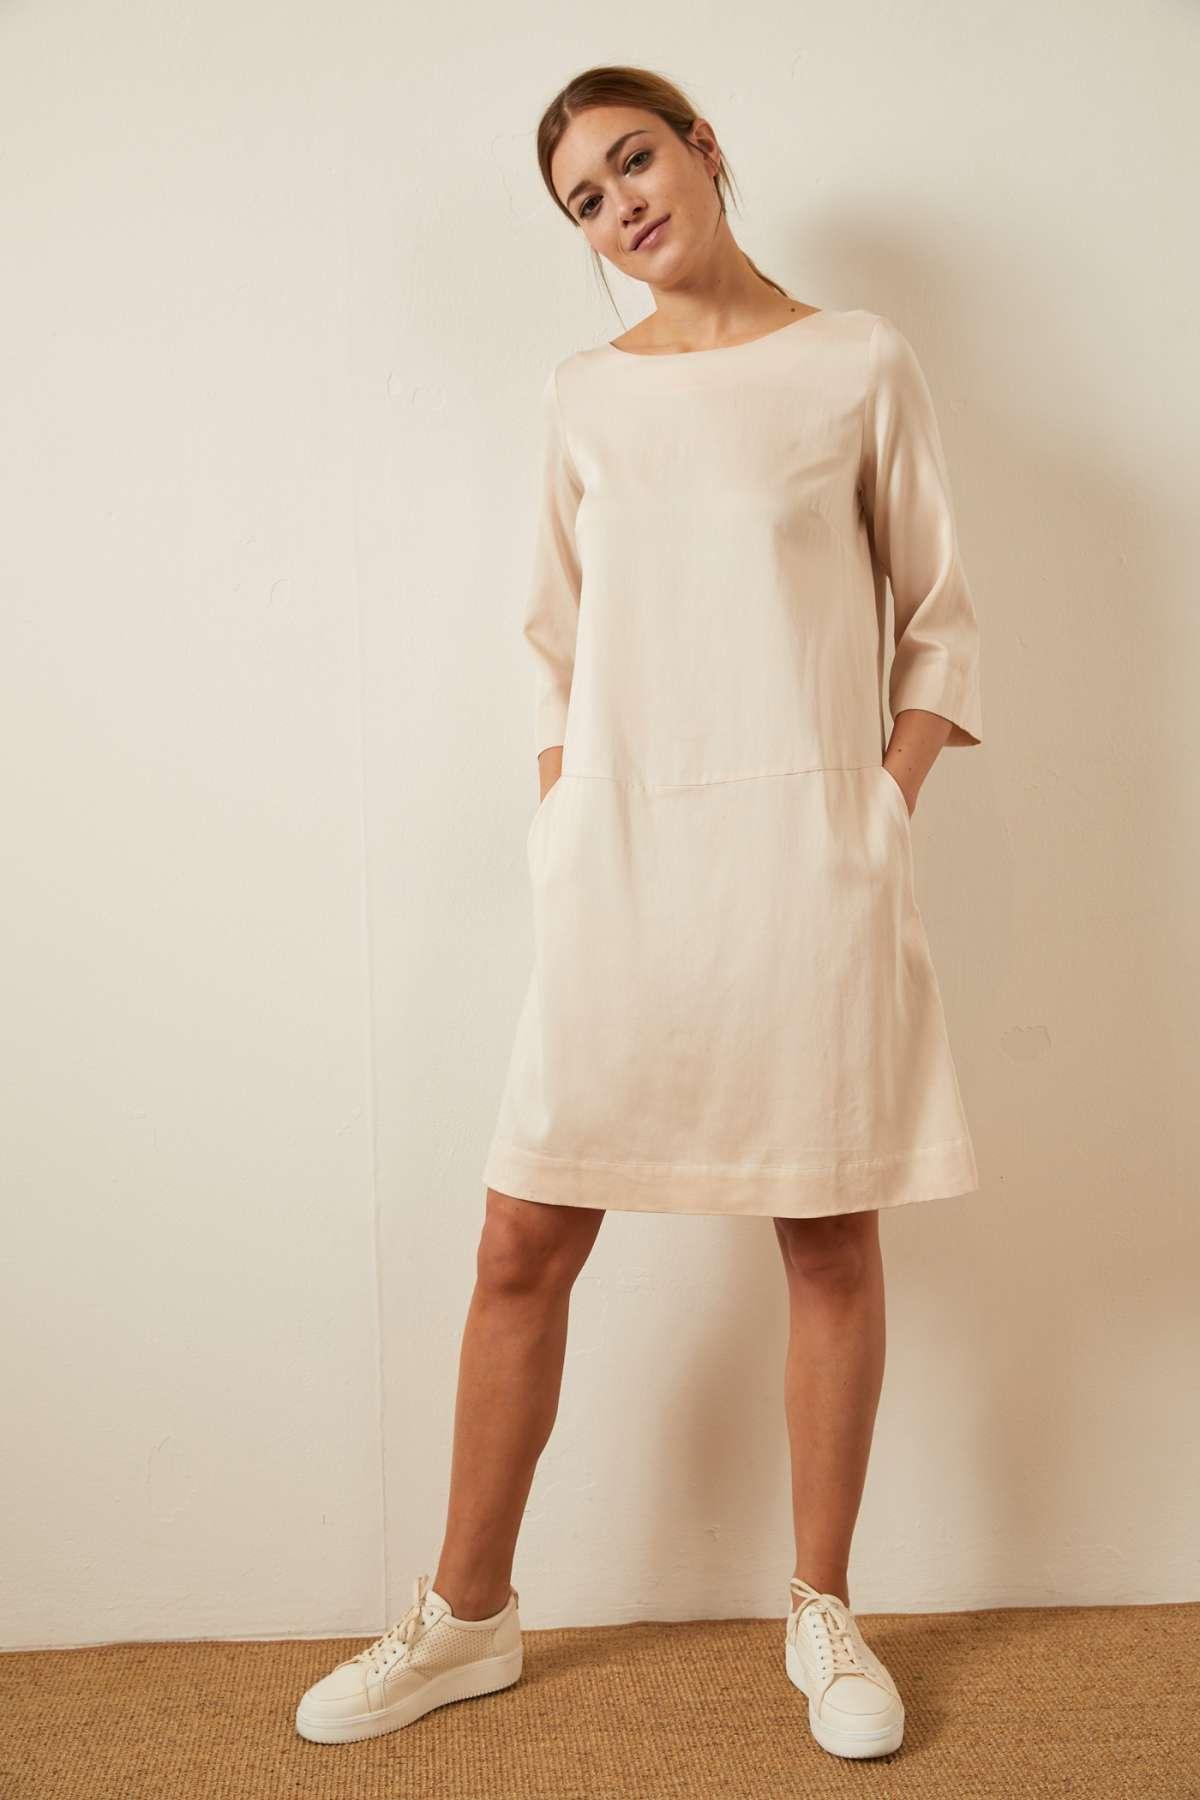 fashion // best dressed hochzeitsgast   fasheria